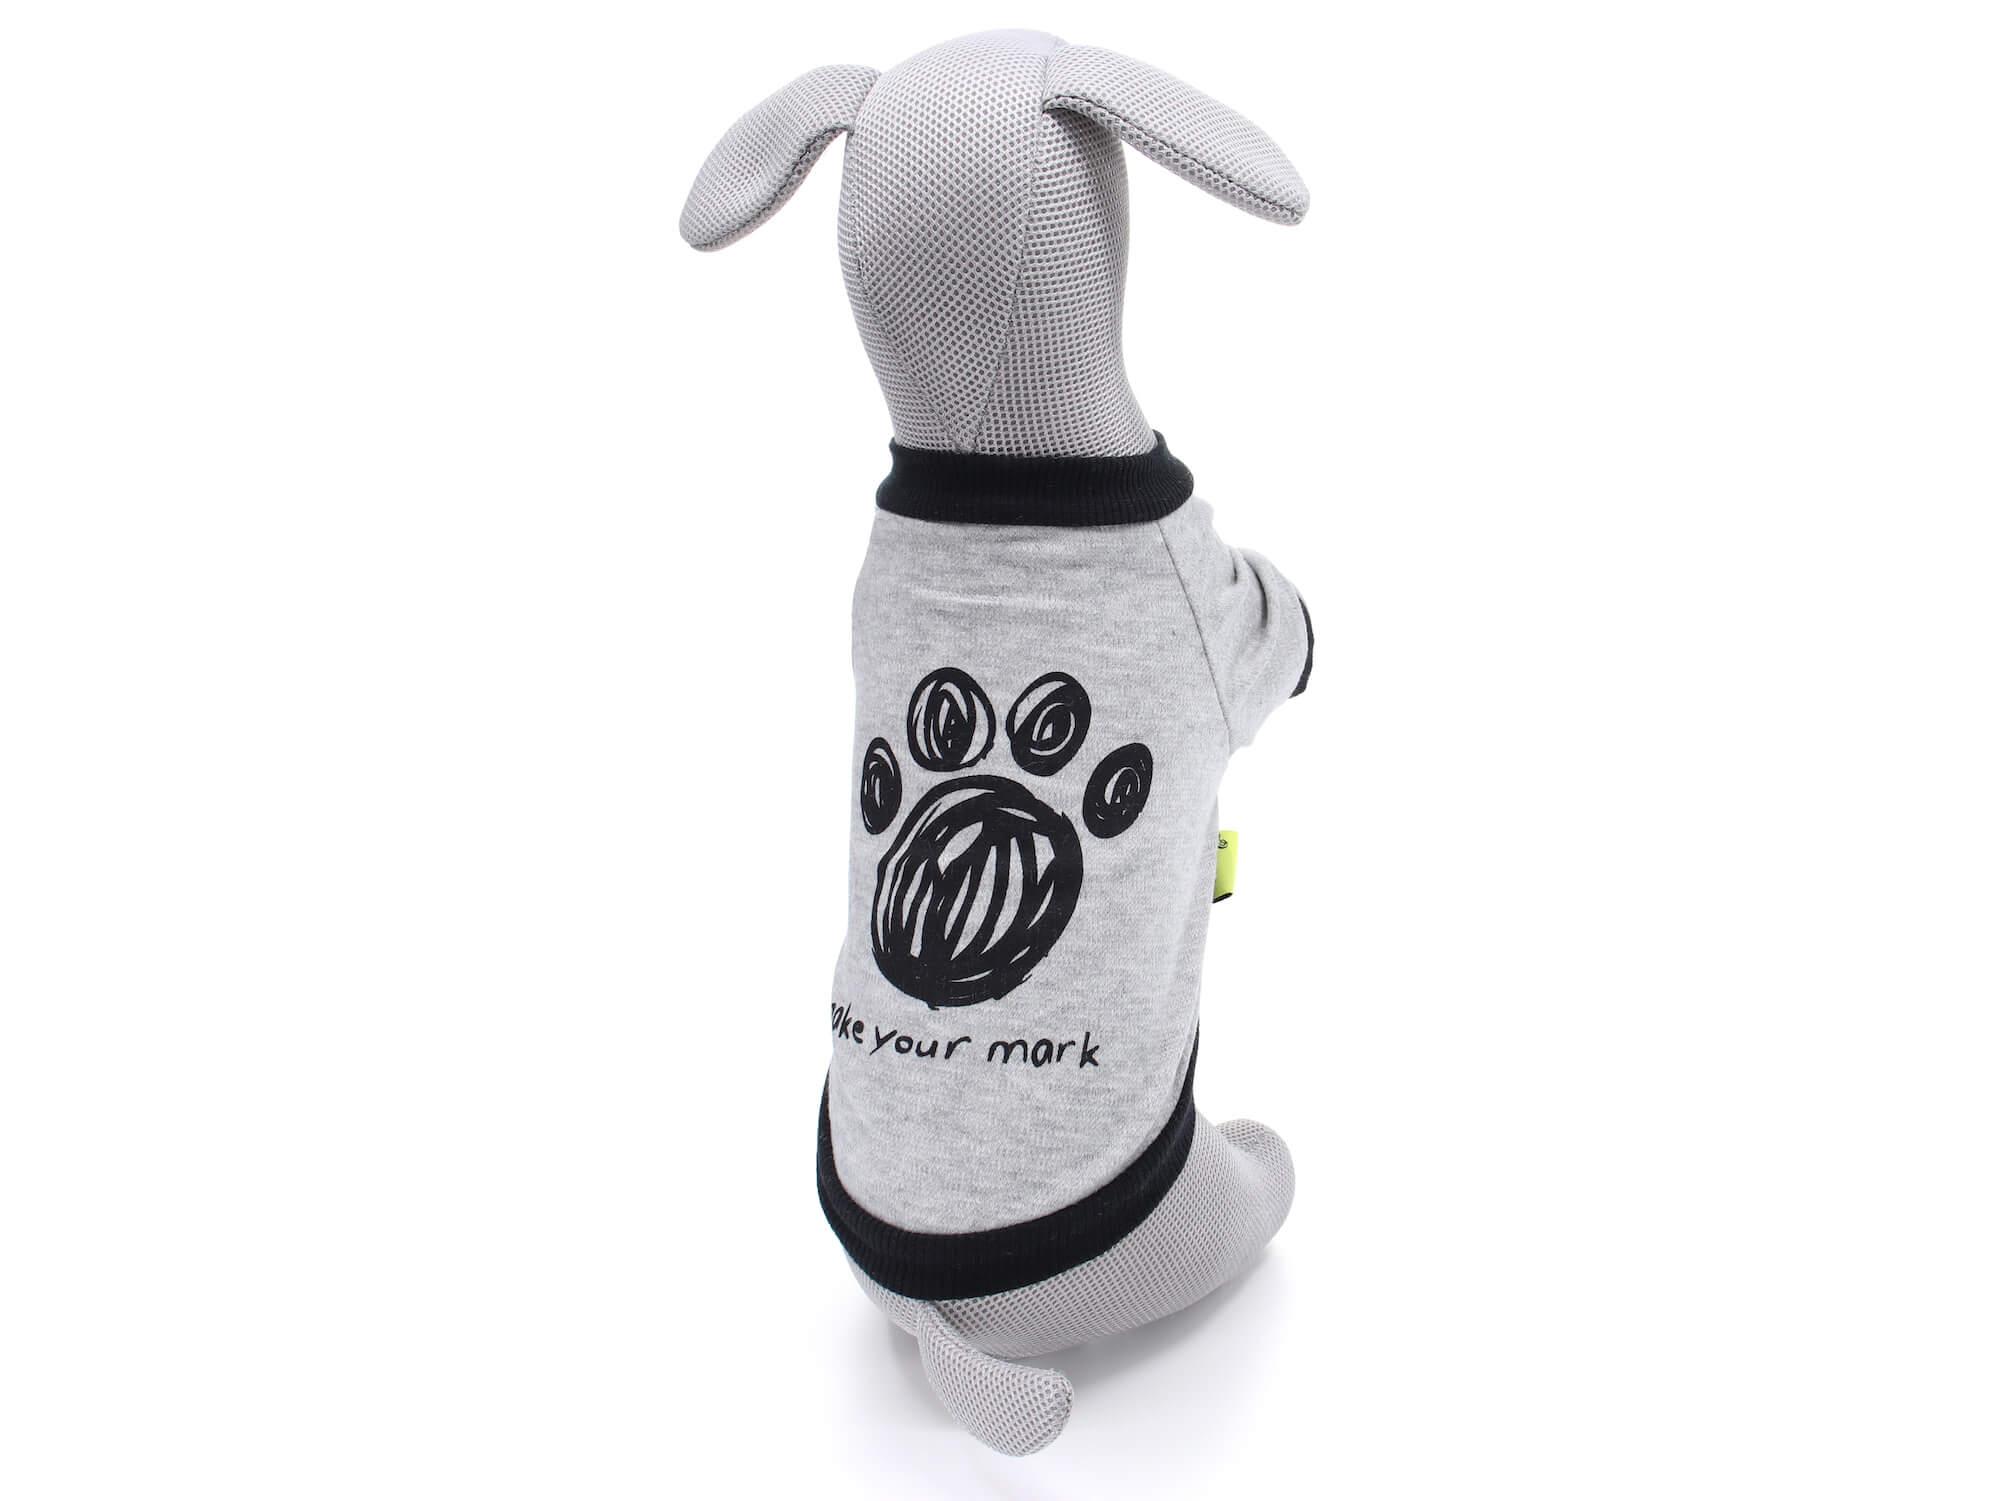 Vsepropejska Birk mikina s obrázkem pro psa Barva: Šedá, Délka zad psa: 17 cm, Obvod hrudníku: 32 - 35 cm